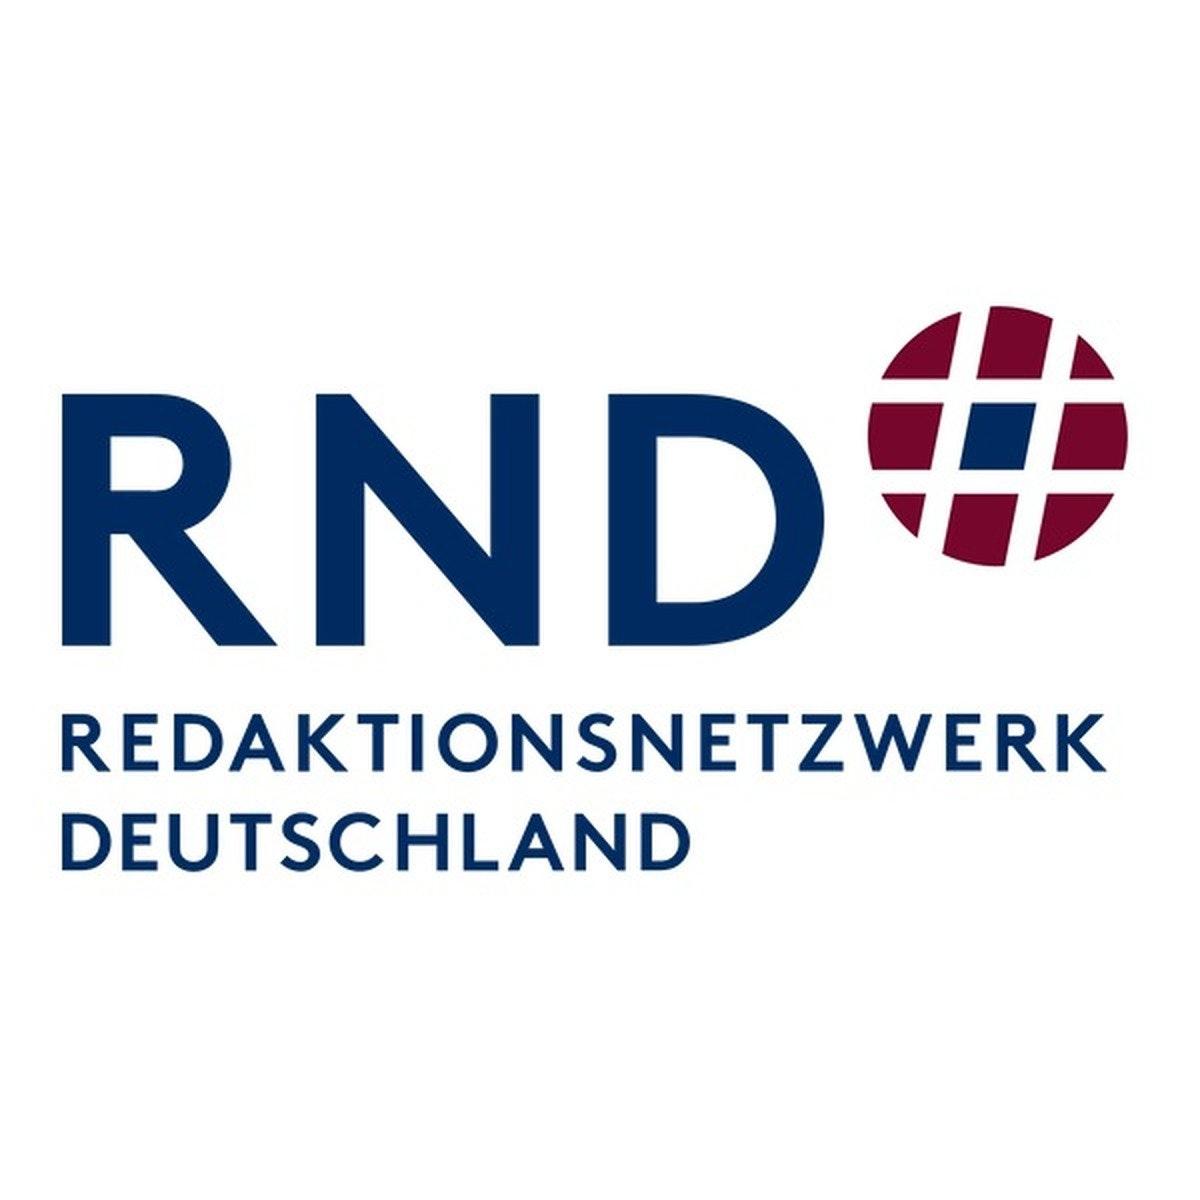 RND RedaktionsNetzwerk Deutschland GmbH